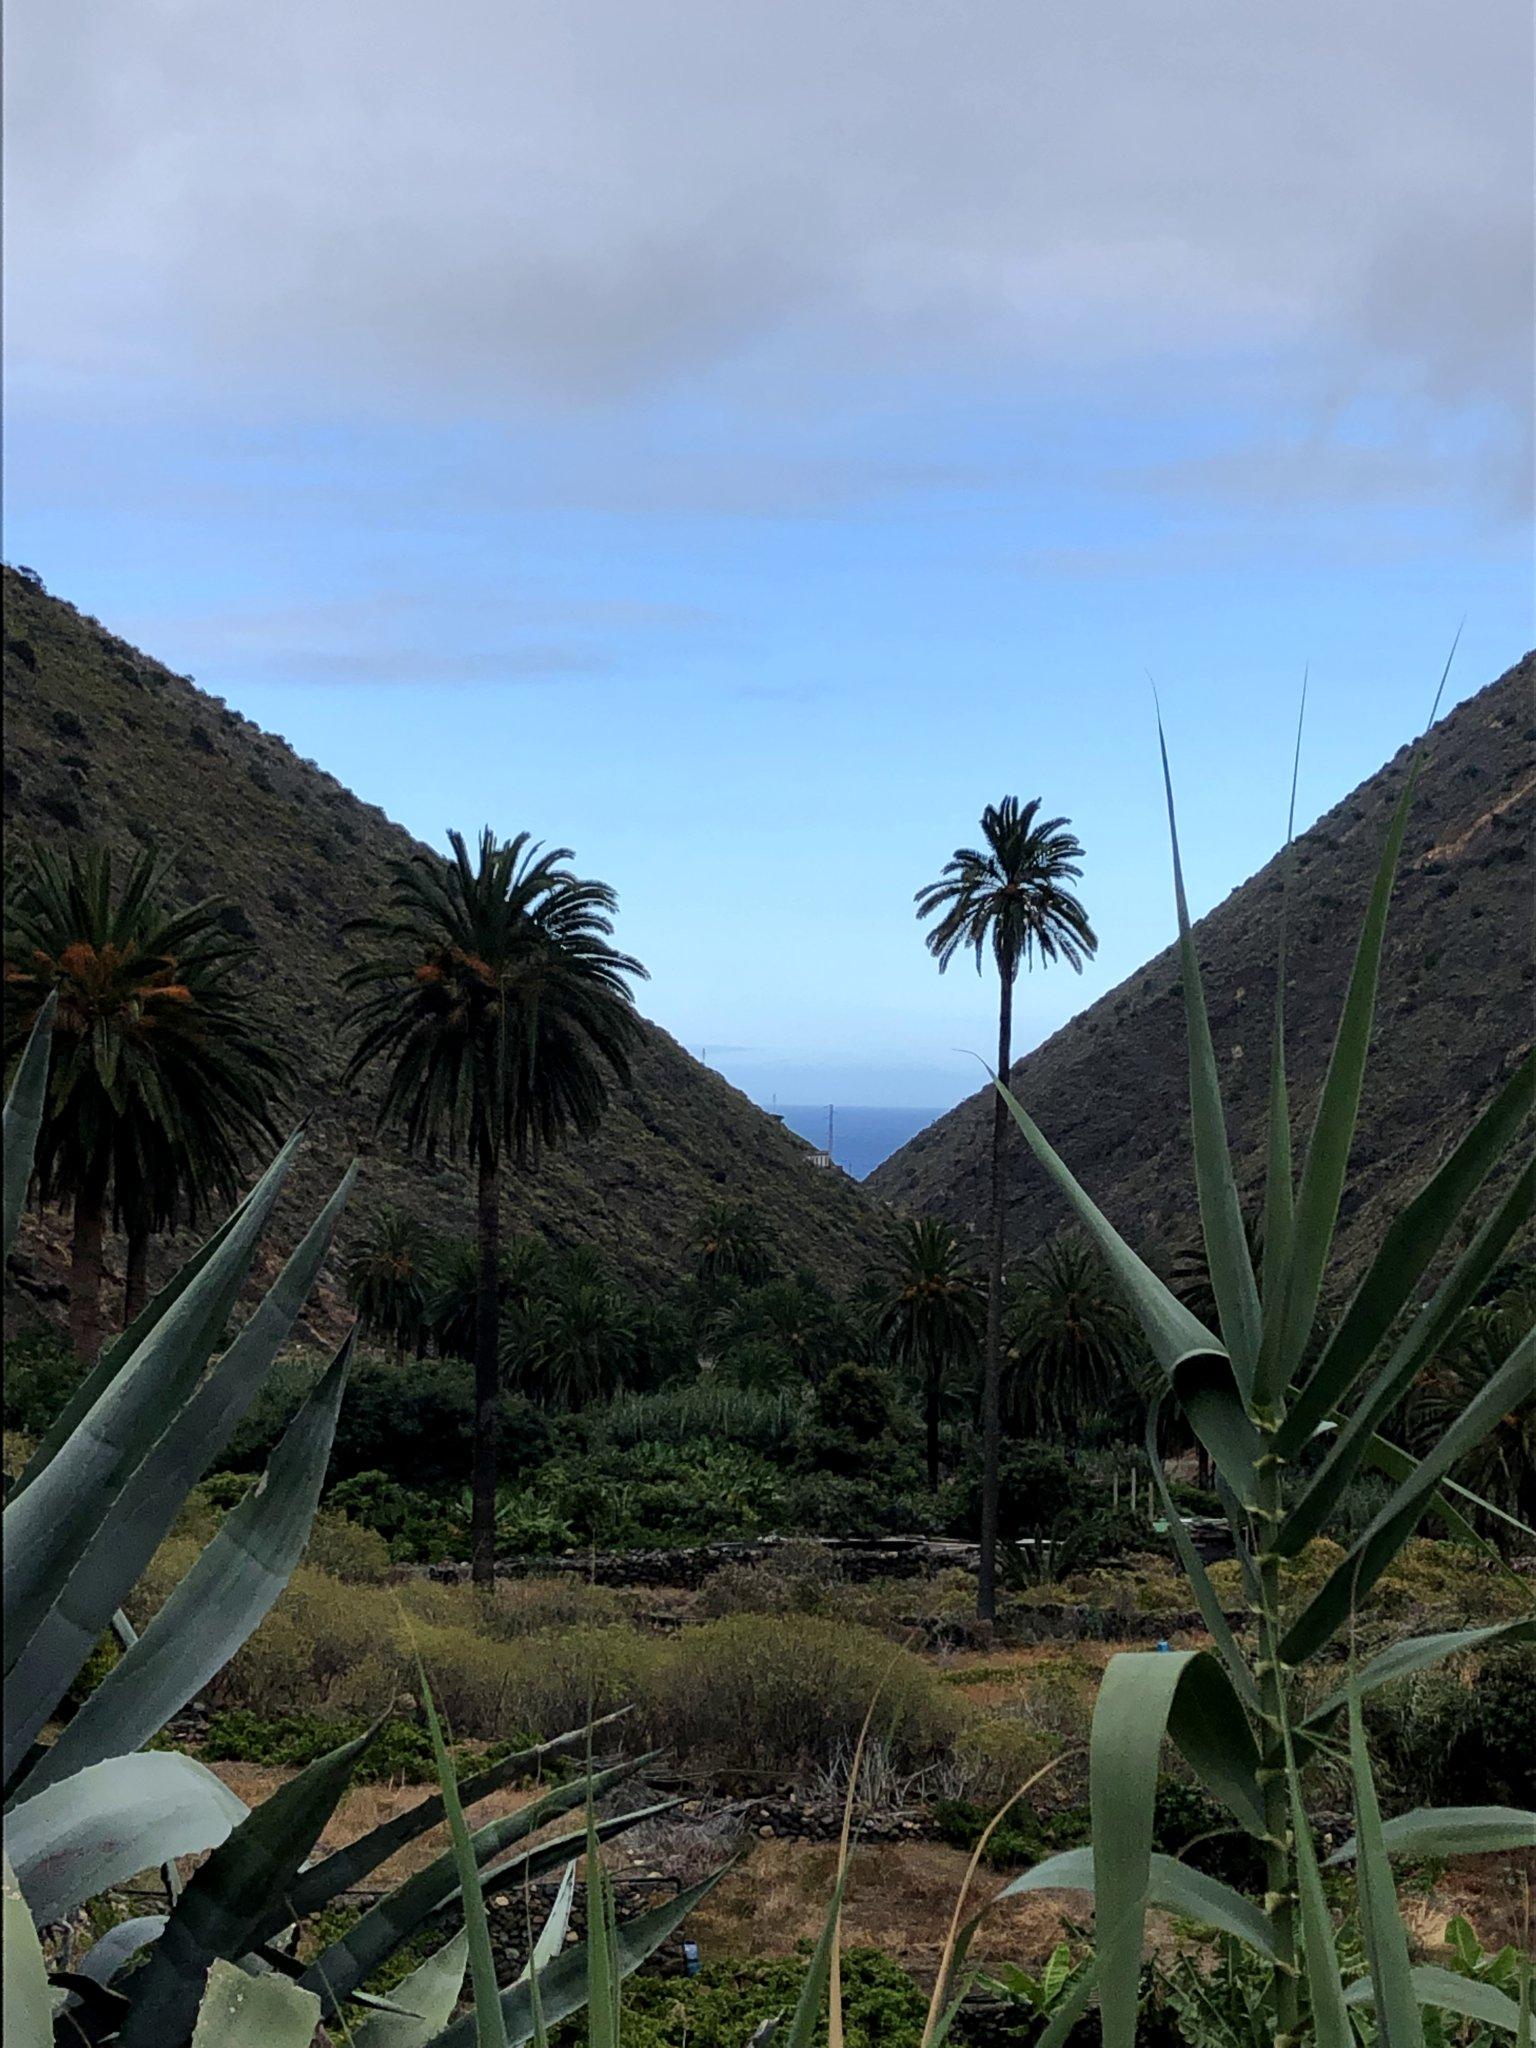 Imagen del mar entre dos montañas en Vallehermoso, La Gomera. Enlace a Wikipedia (Abre en ventana nueva)